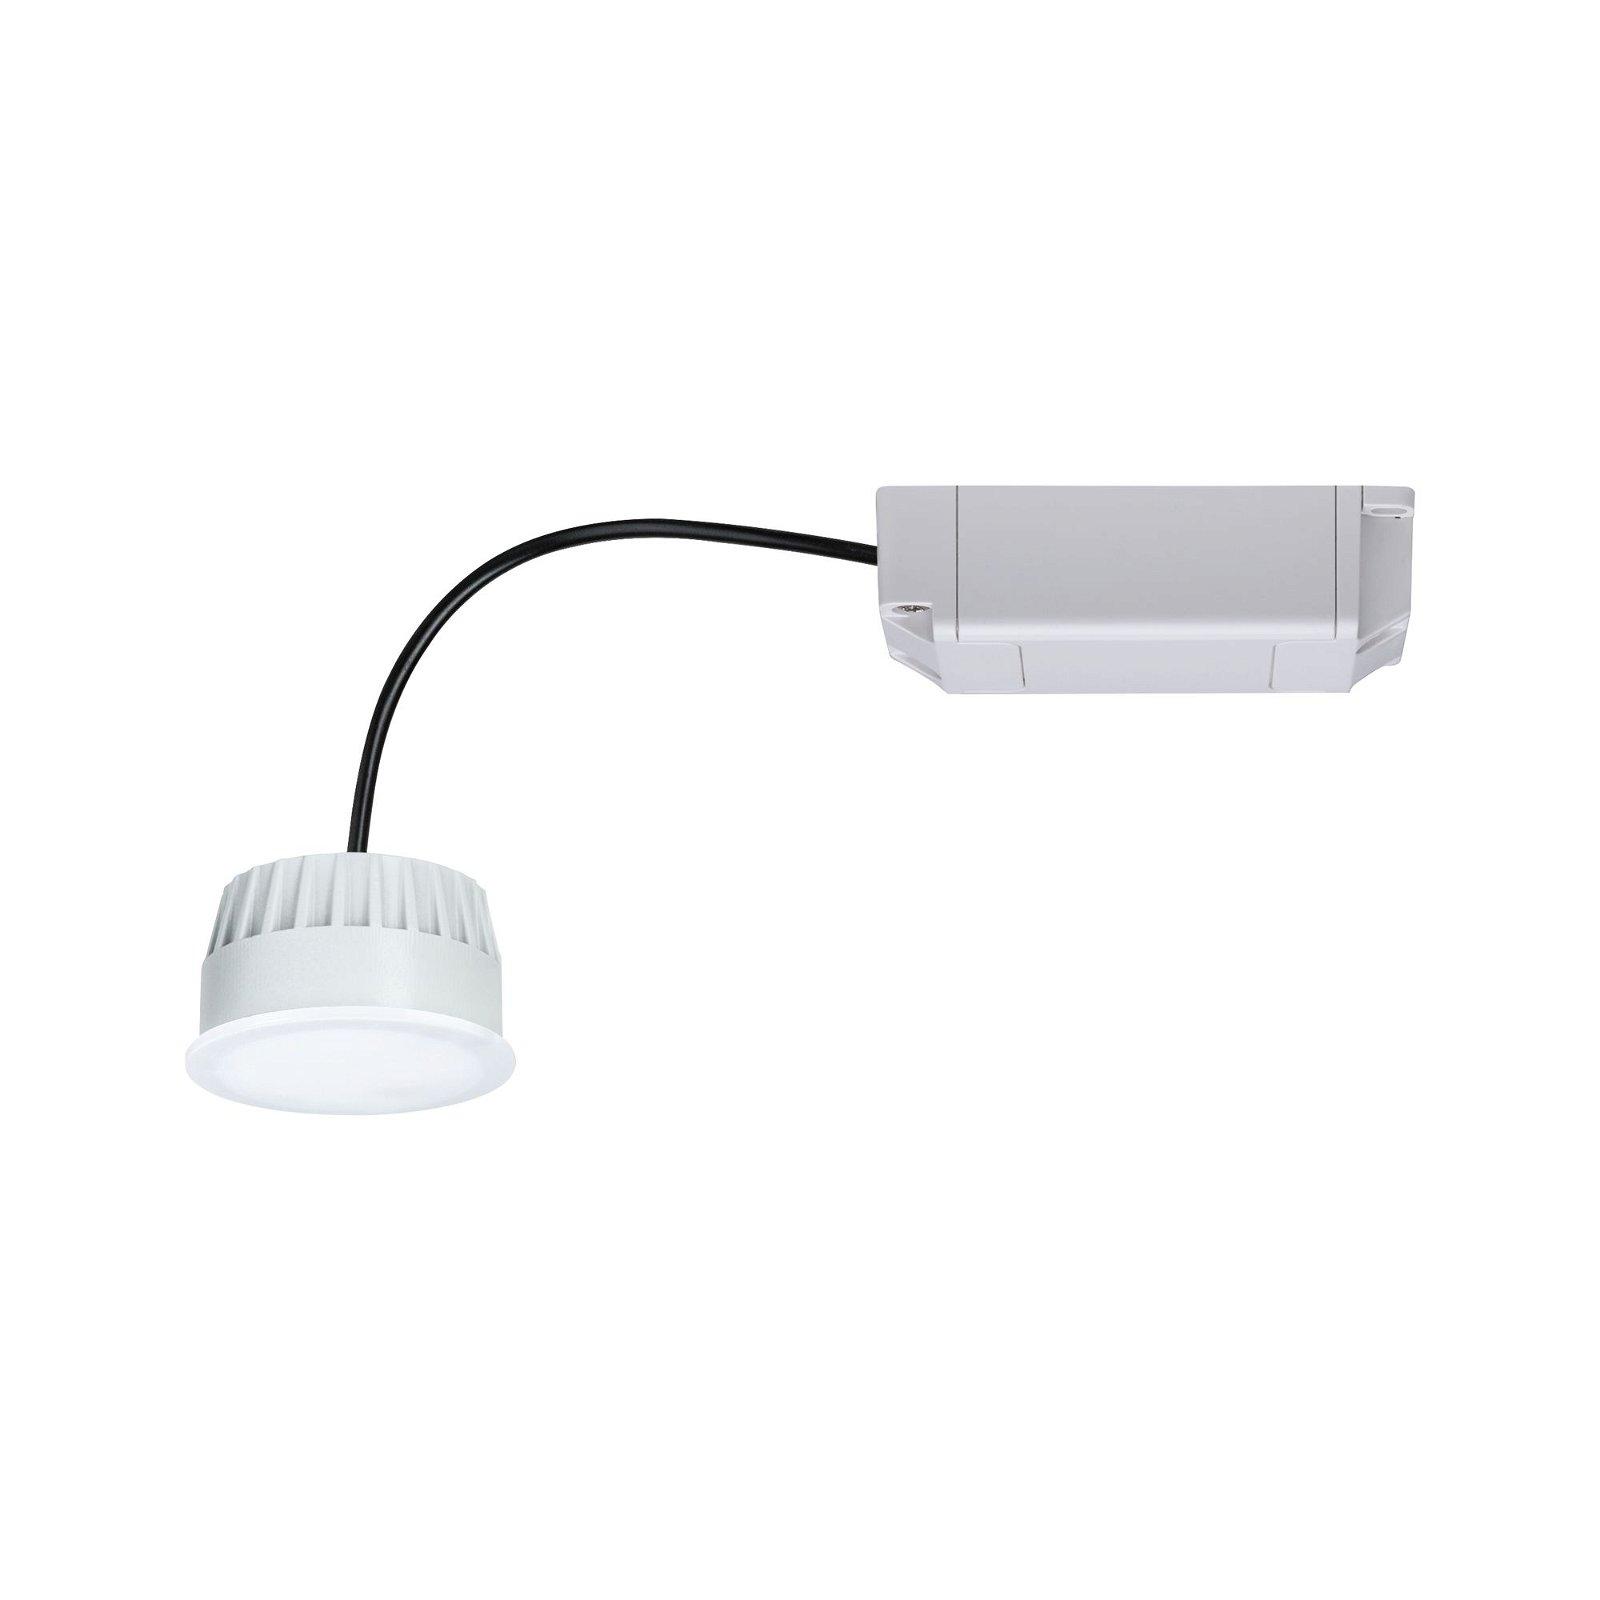 LED Modul Einbauleuchte Smart Home Zigbee Warmweiß Coin rund 50mm Coin 6W 460lm 230V 2700K Opal